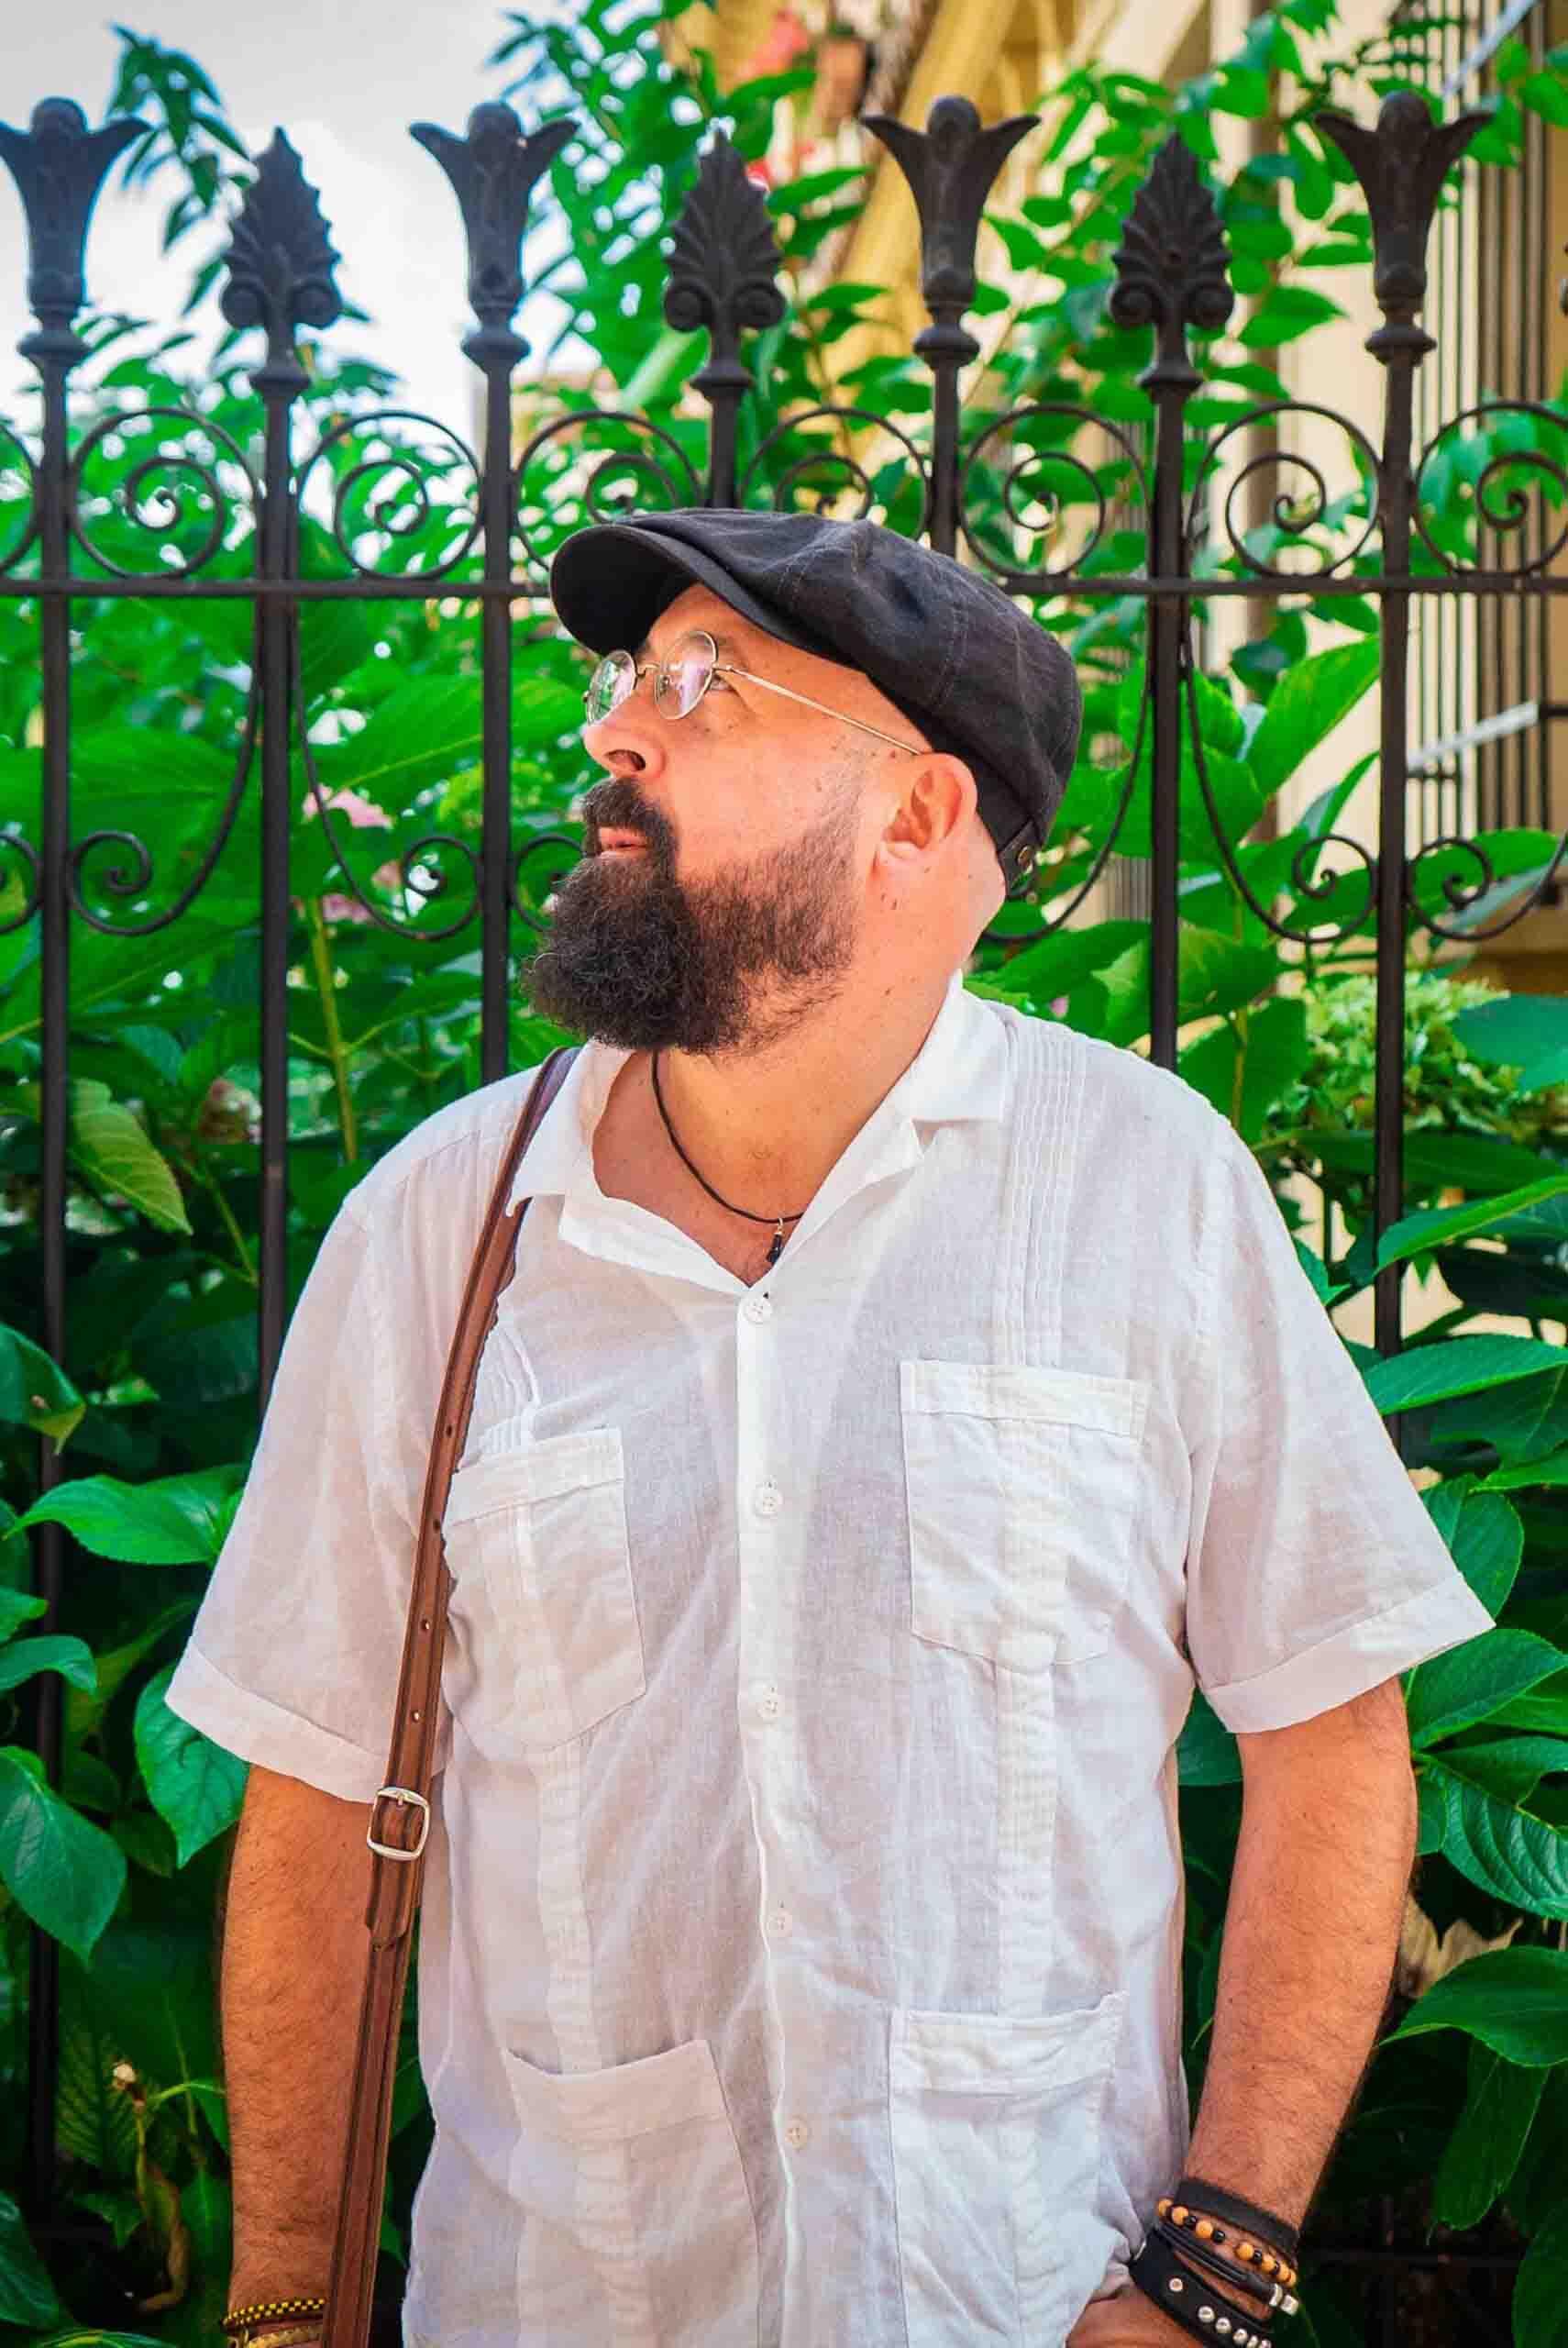 David Acera, narrador oral y cuentacuentos